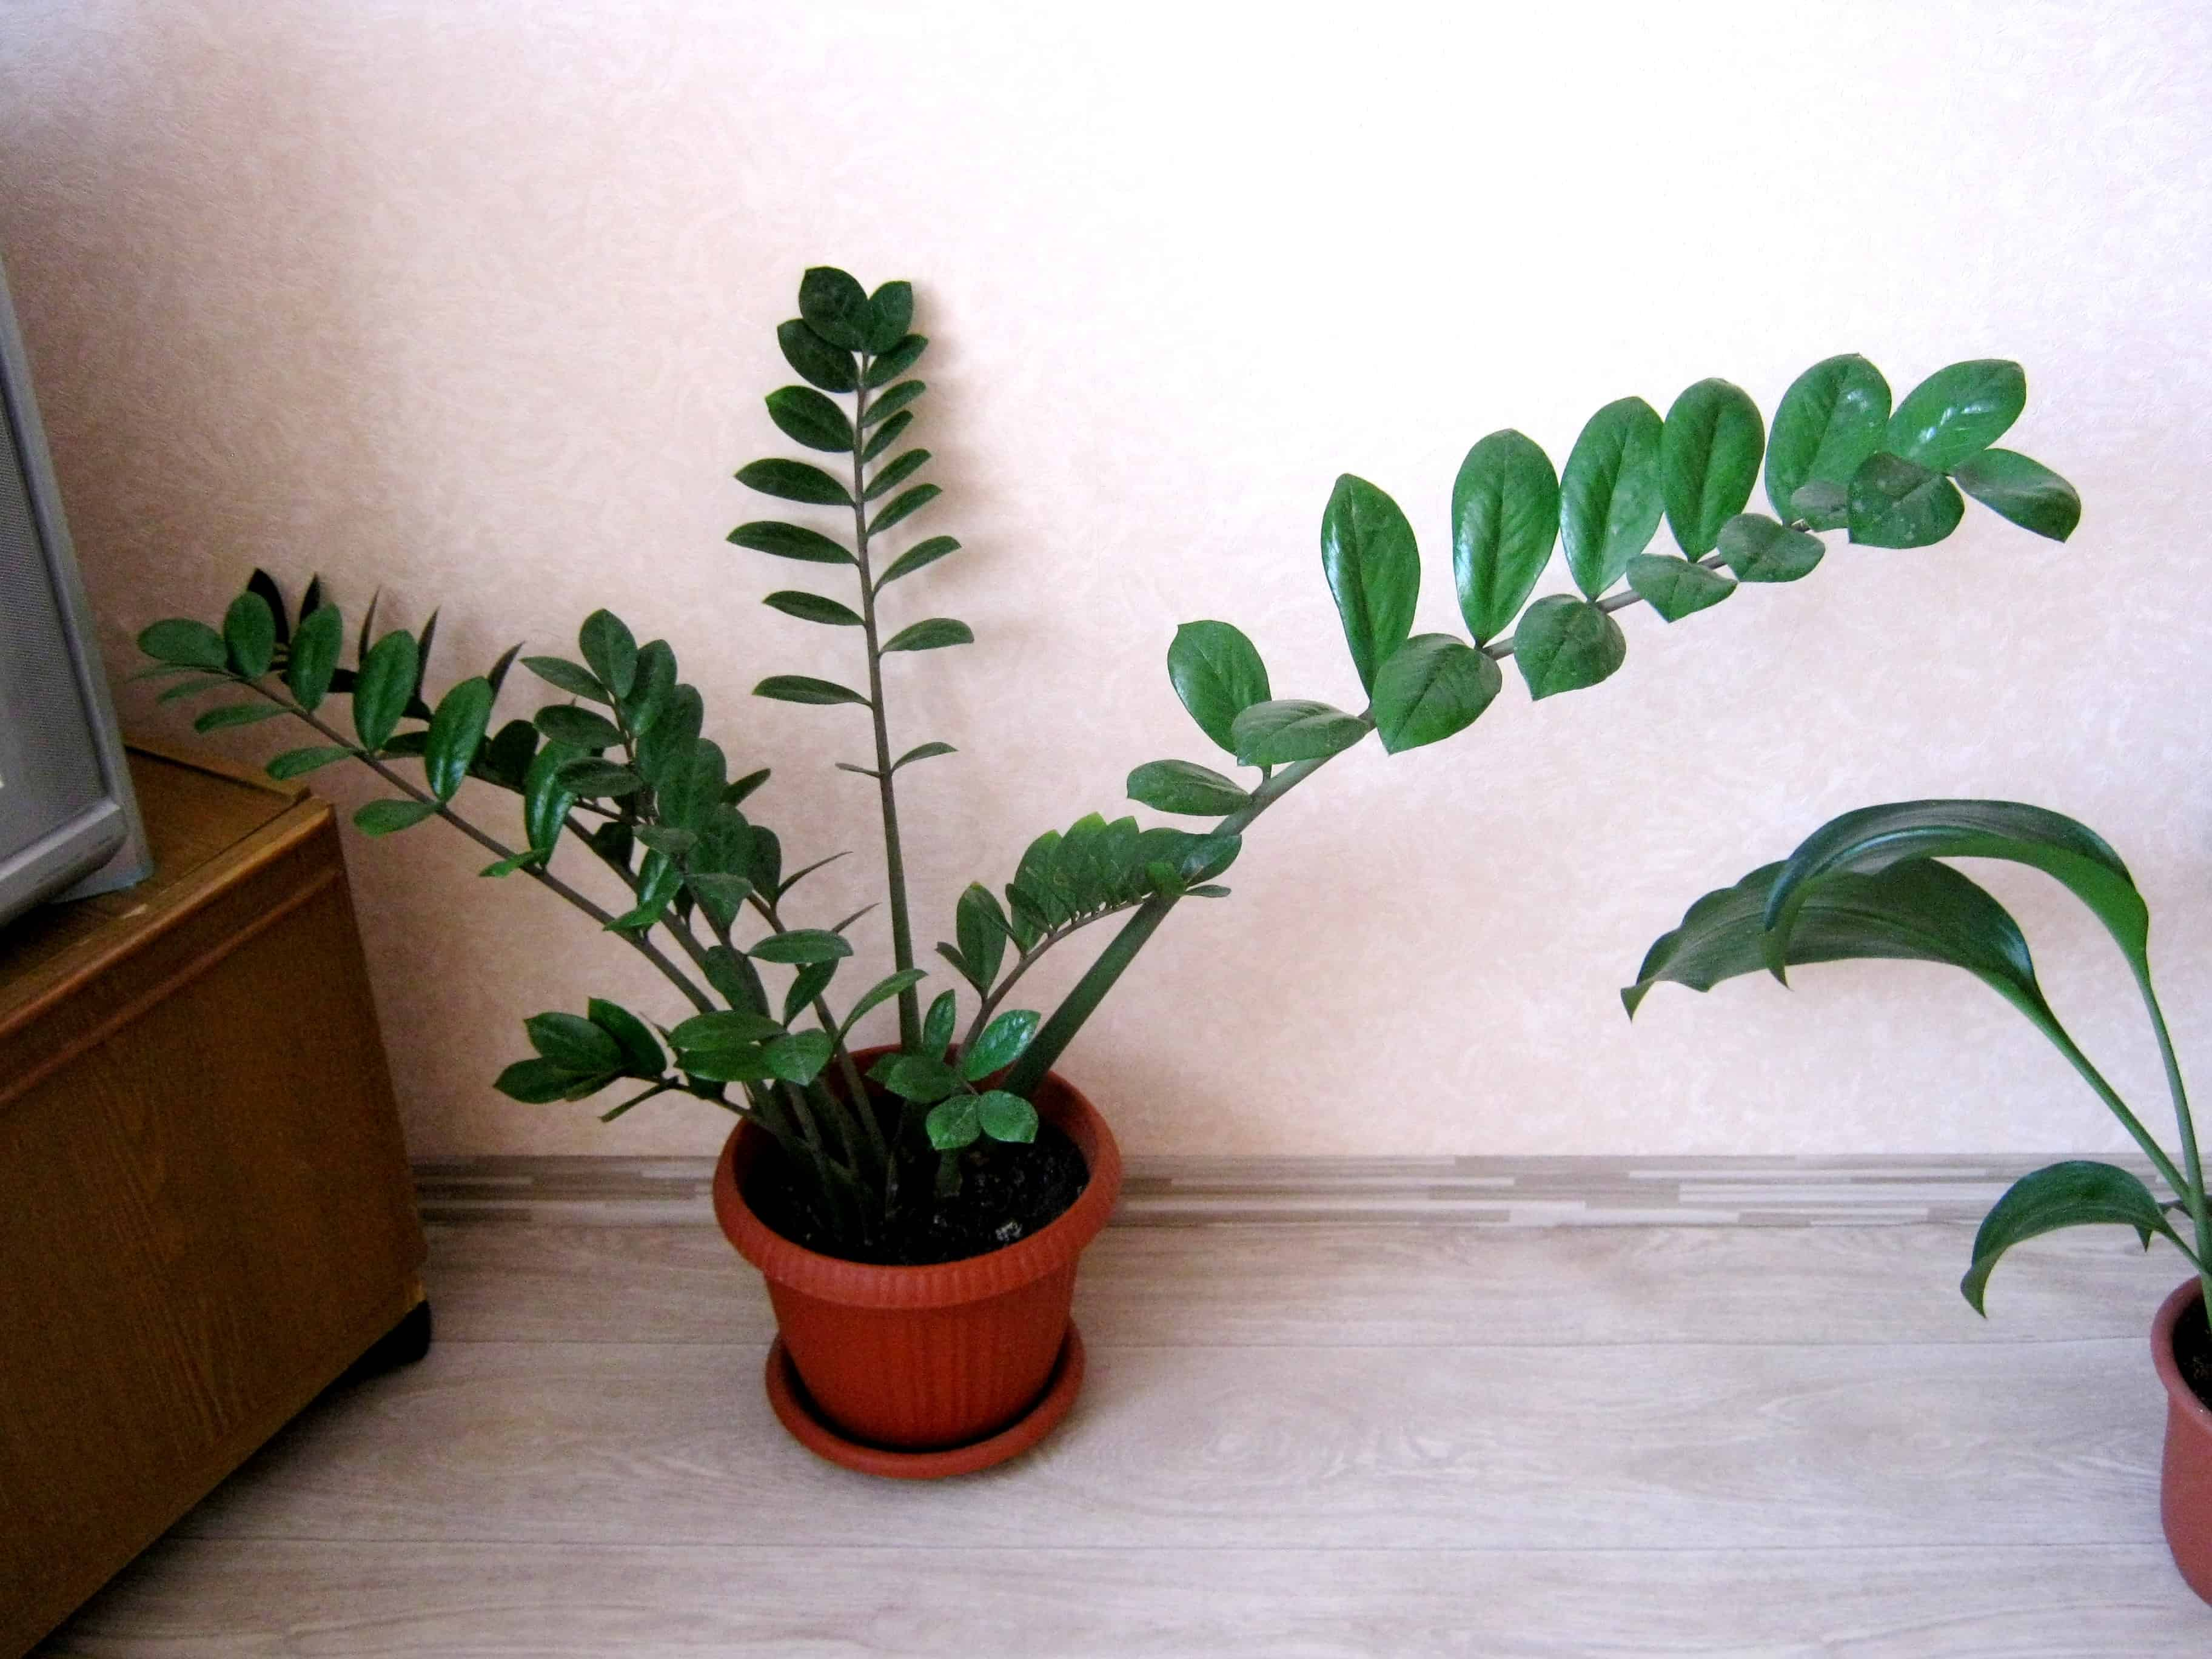 Новое растение в доме